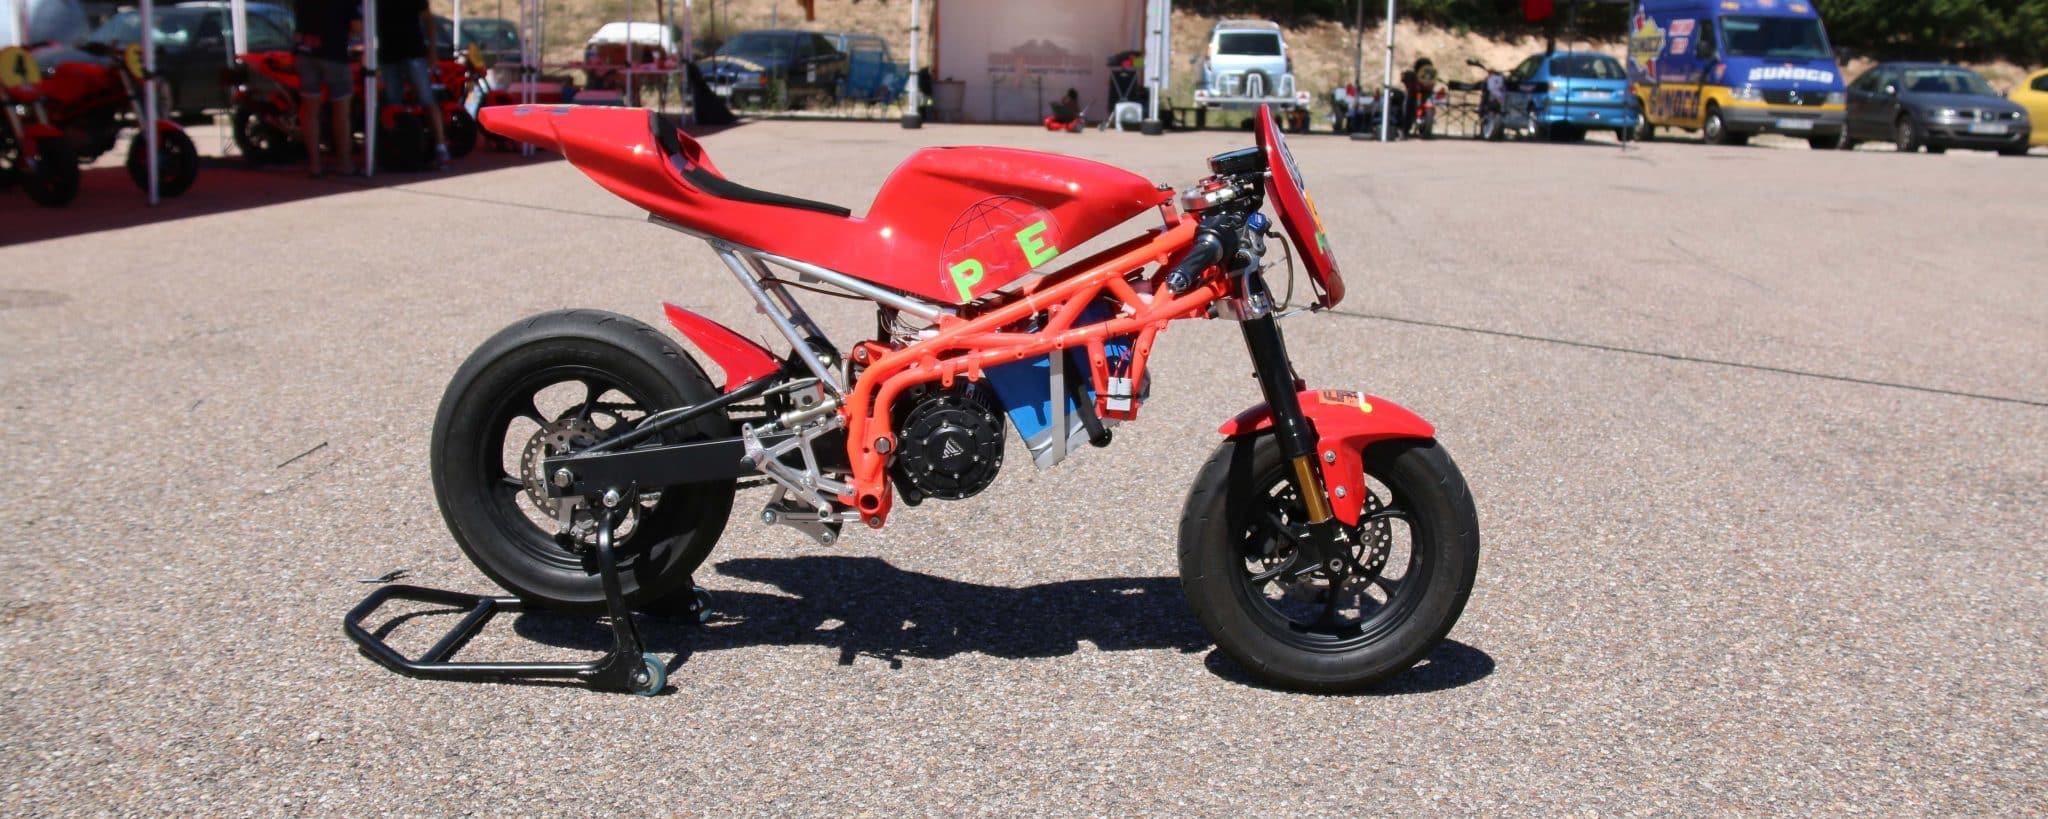 Prueba RAV-E, la eléctrica de lujo en el mundo pit bike